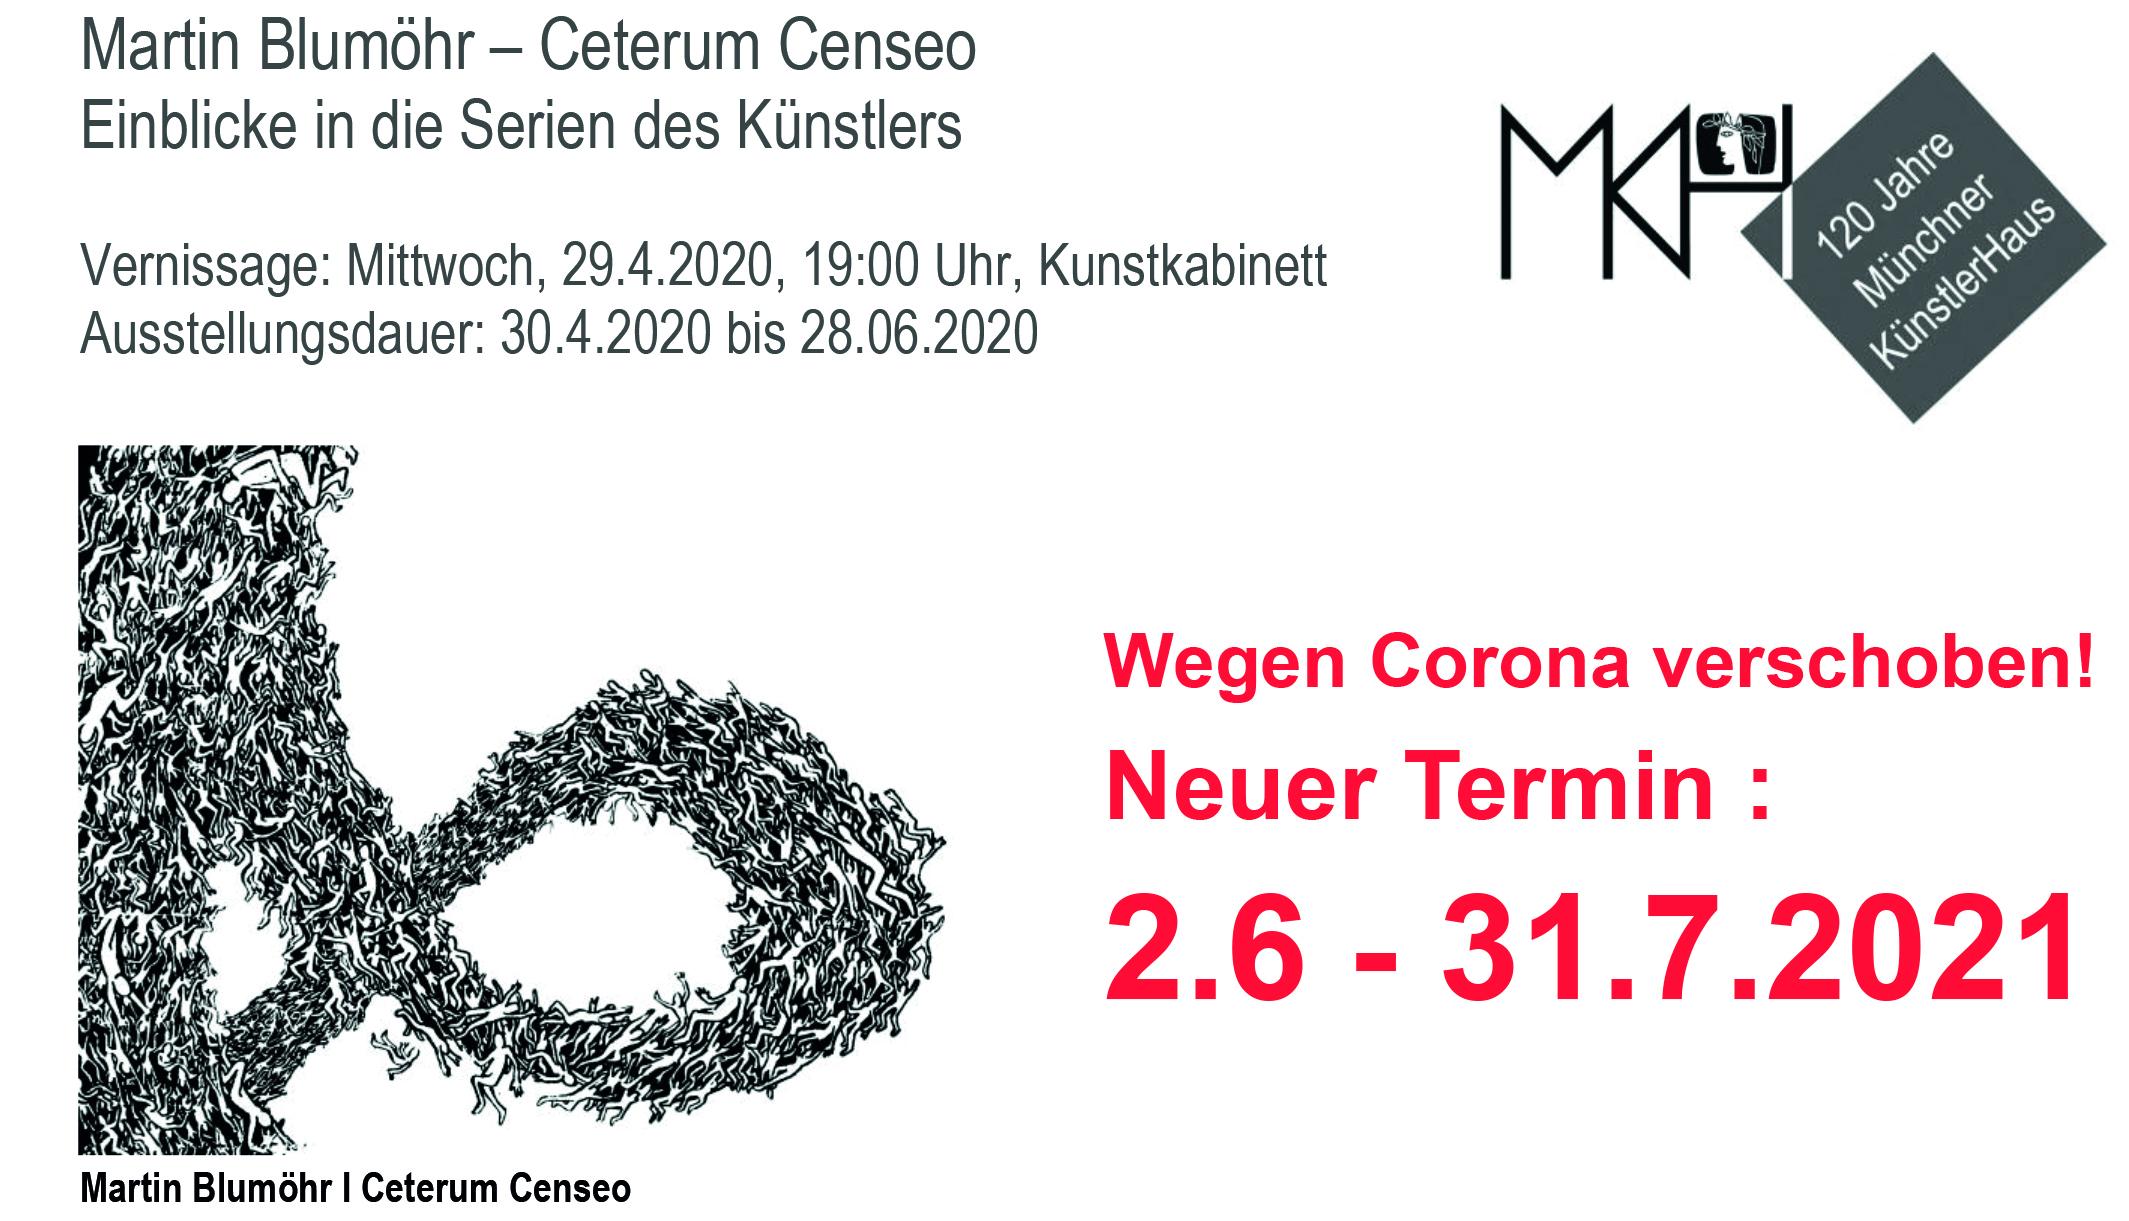 Martin Blumöhr – Ceterum Censeo